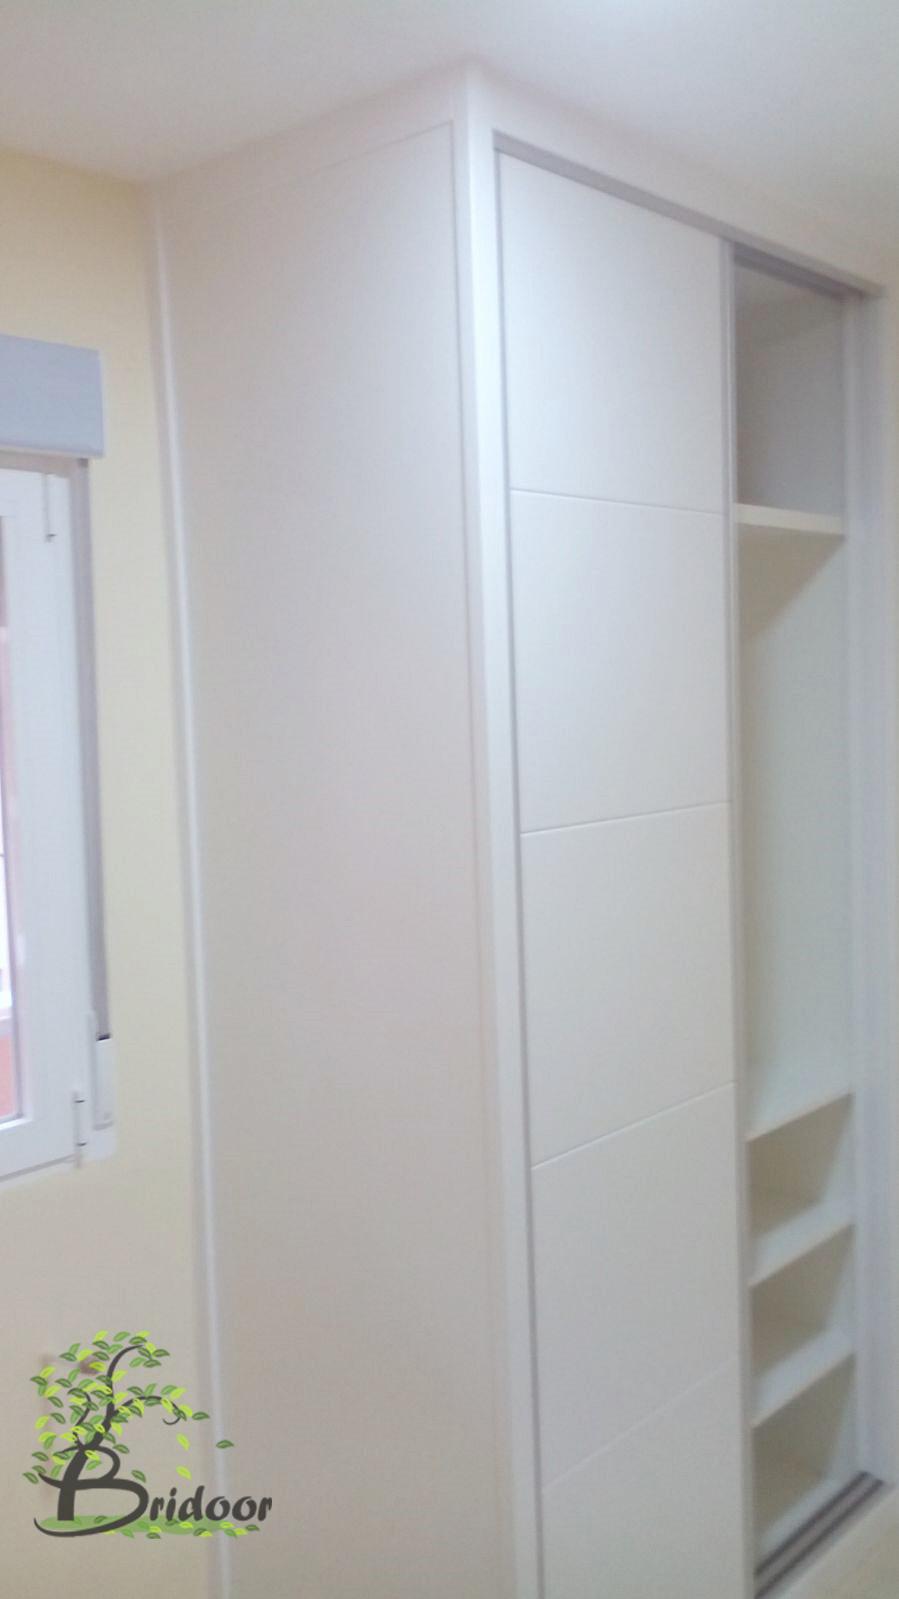 Bridoor s l vivienda con puertas y armarios lacados en la - Armarios blancos lacados ...